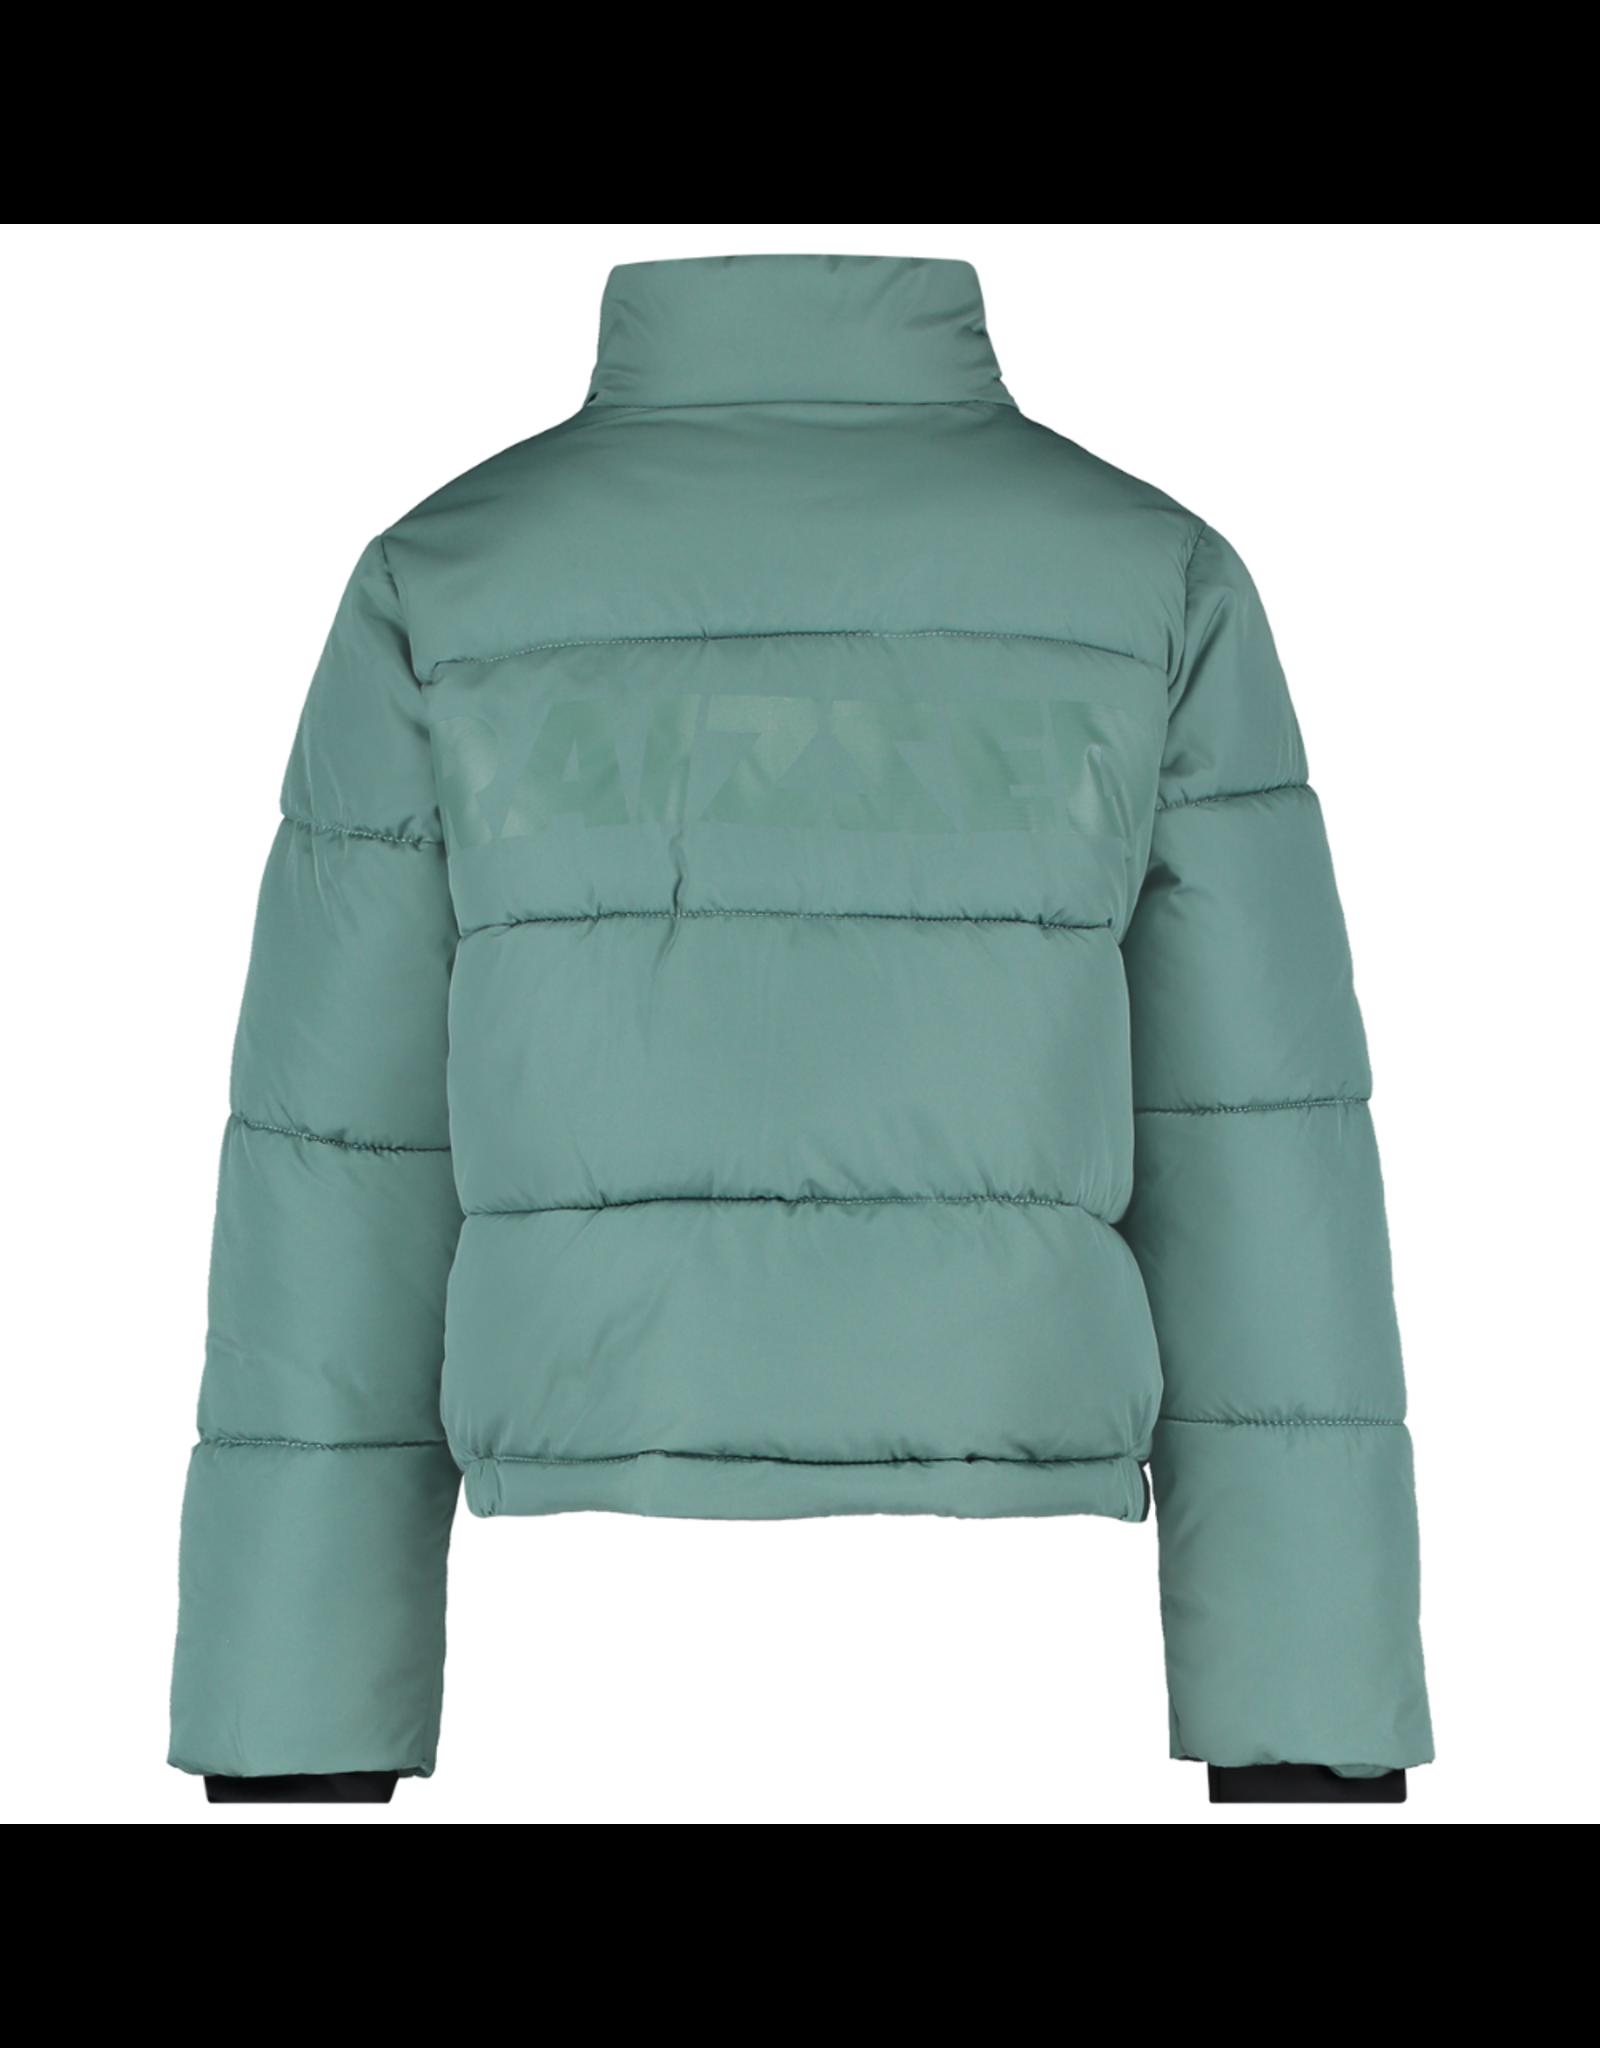 Raizzed Raizzed Jacket outdoor Lima Sage Green